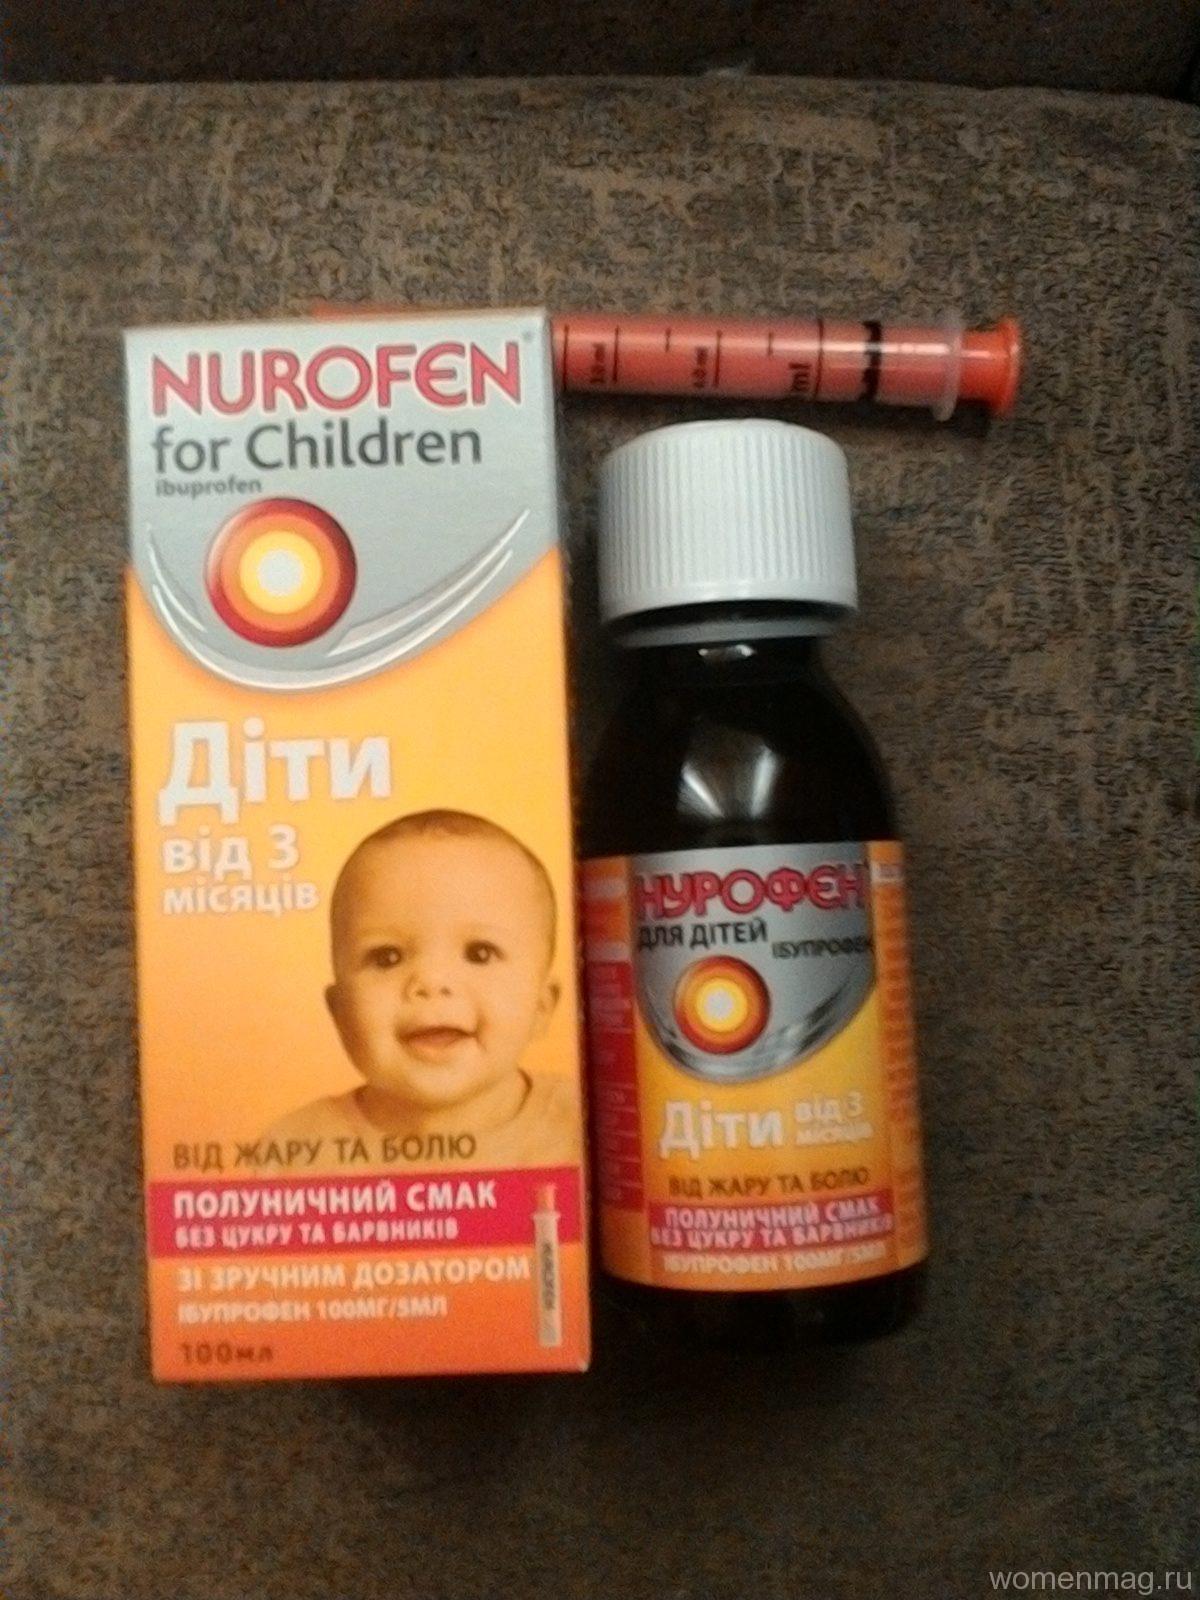 Нурофен для детей от 3 месяцев. Отзыв